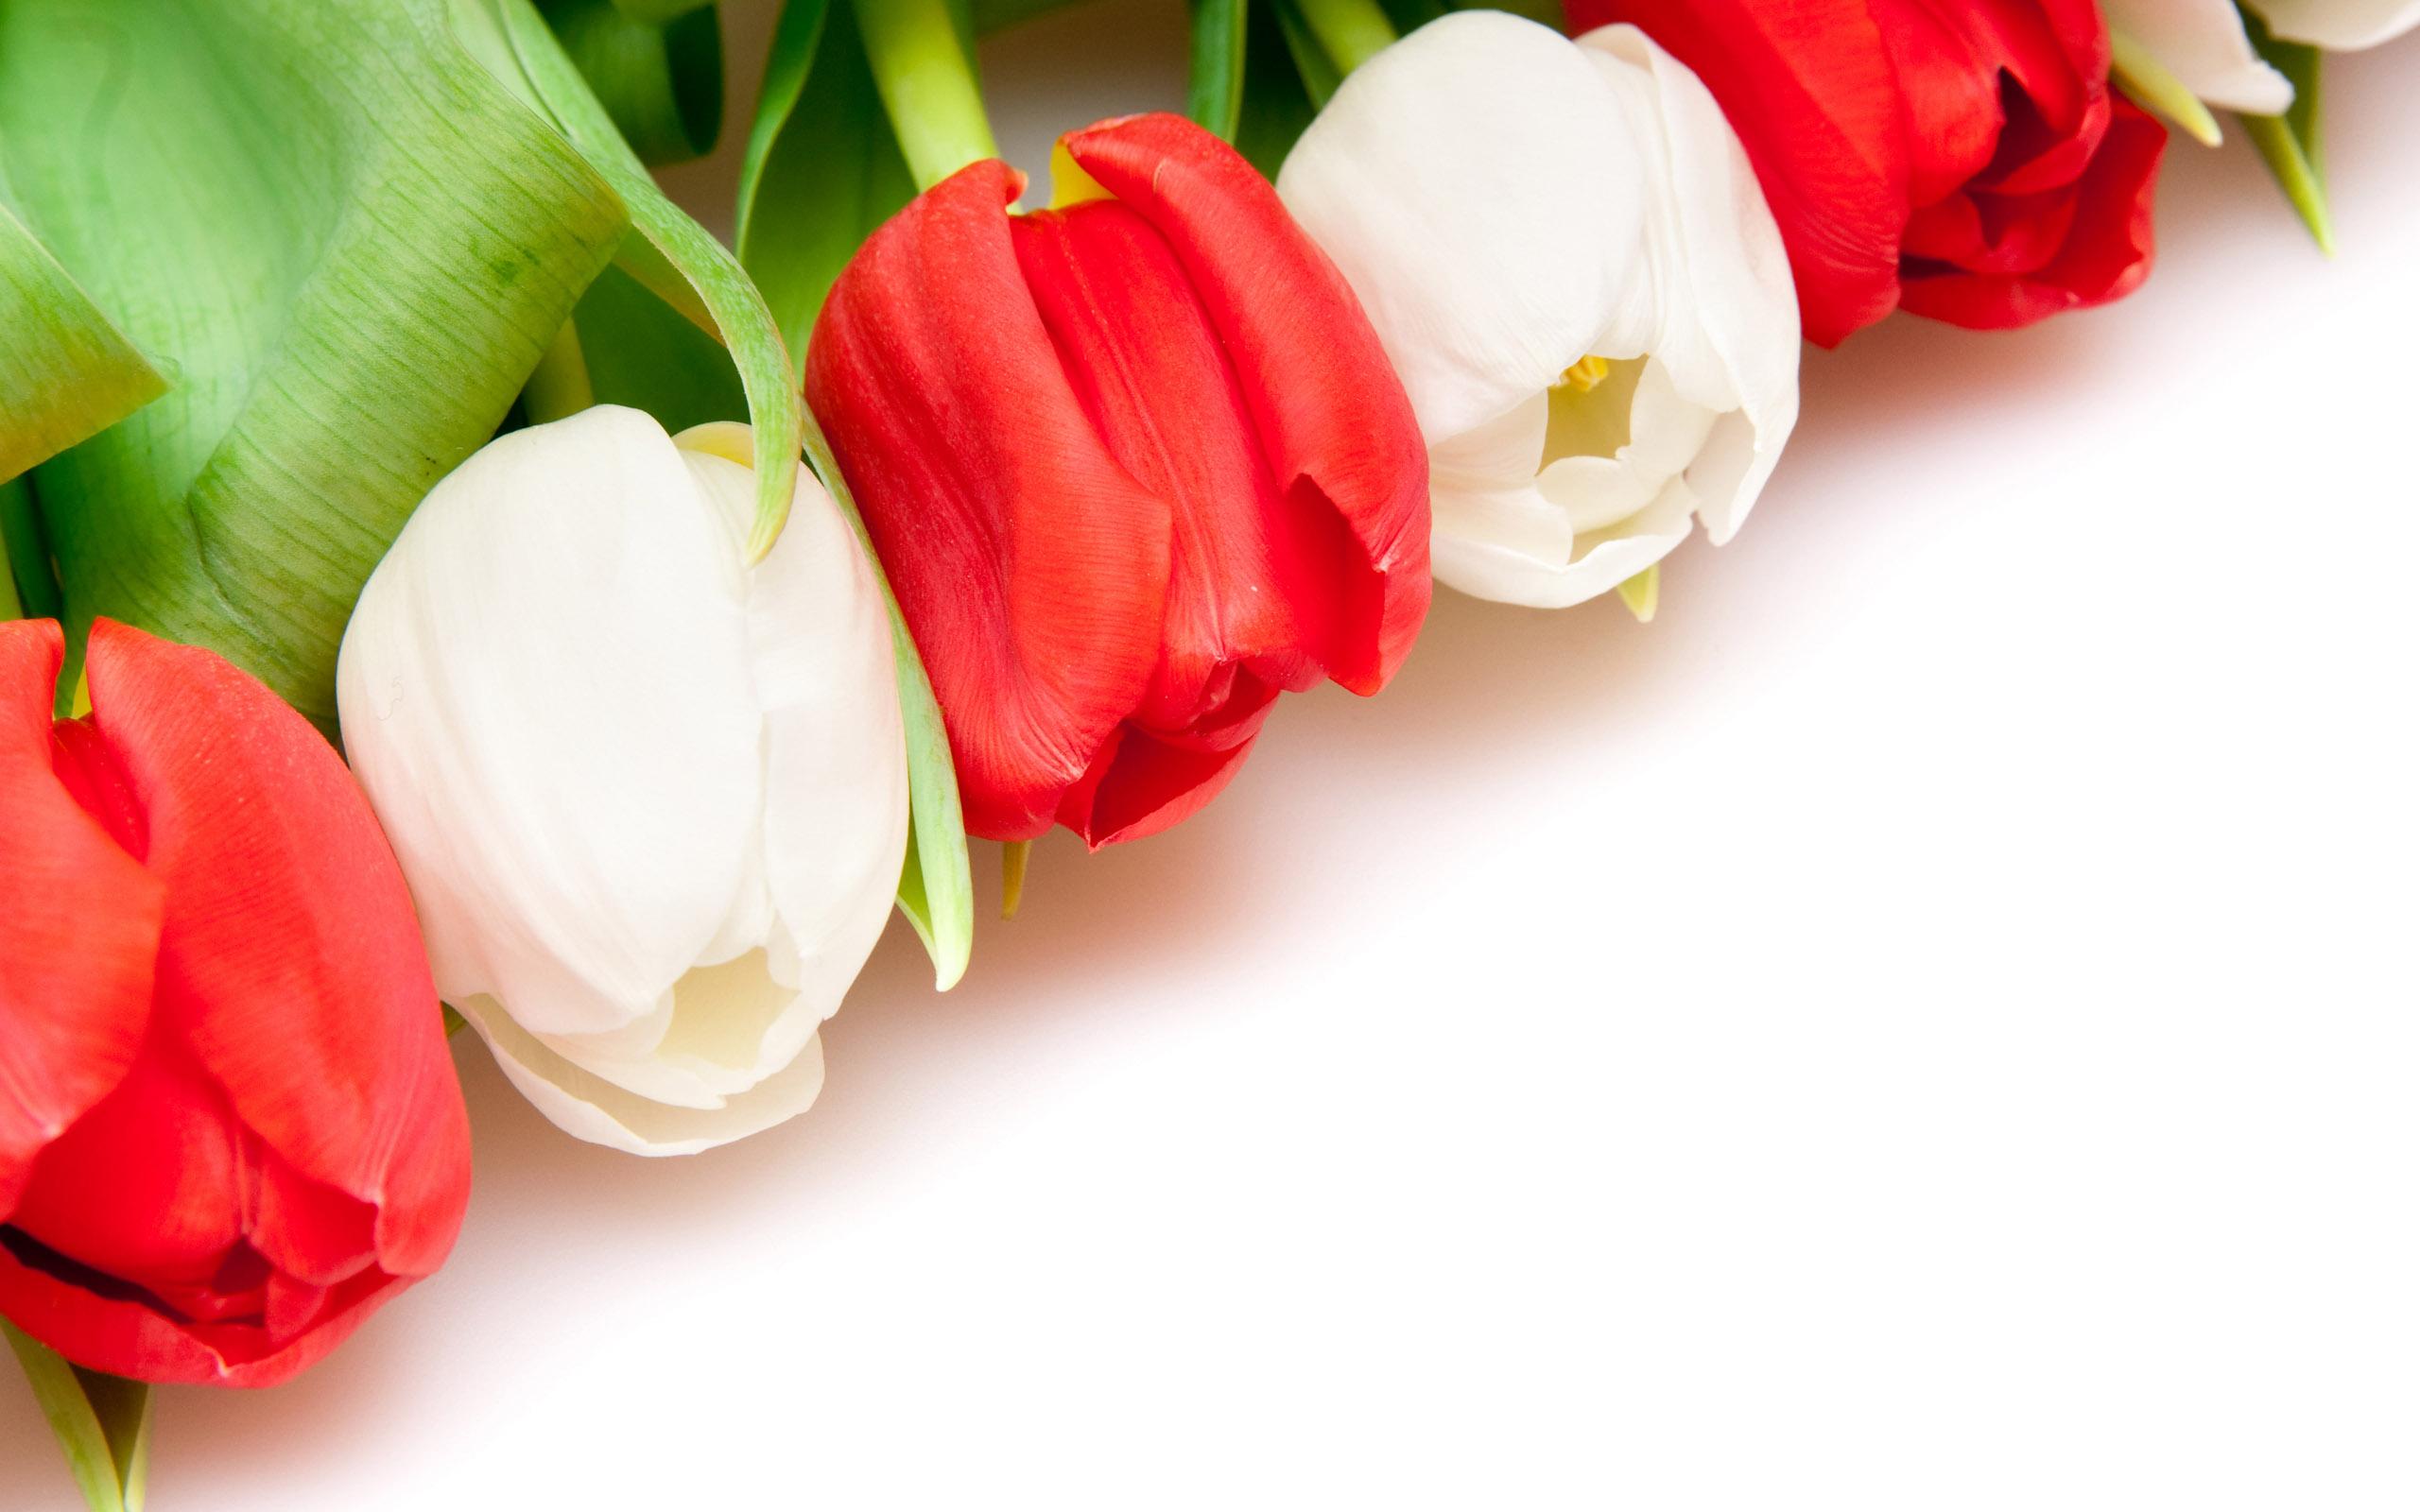 Ребенку года, цветы тюльпаны картинки красивые